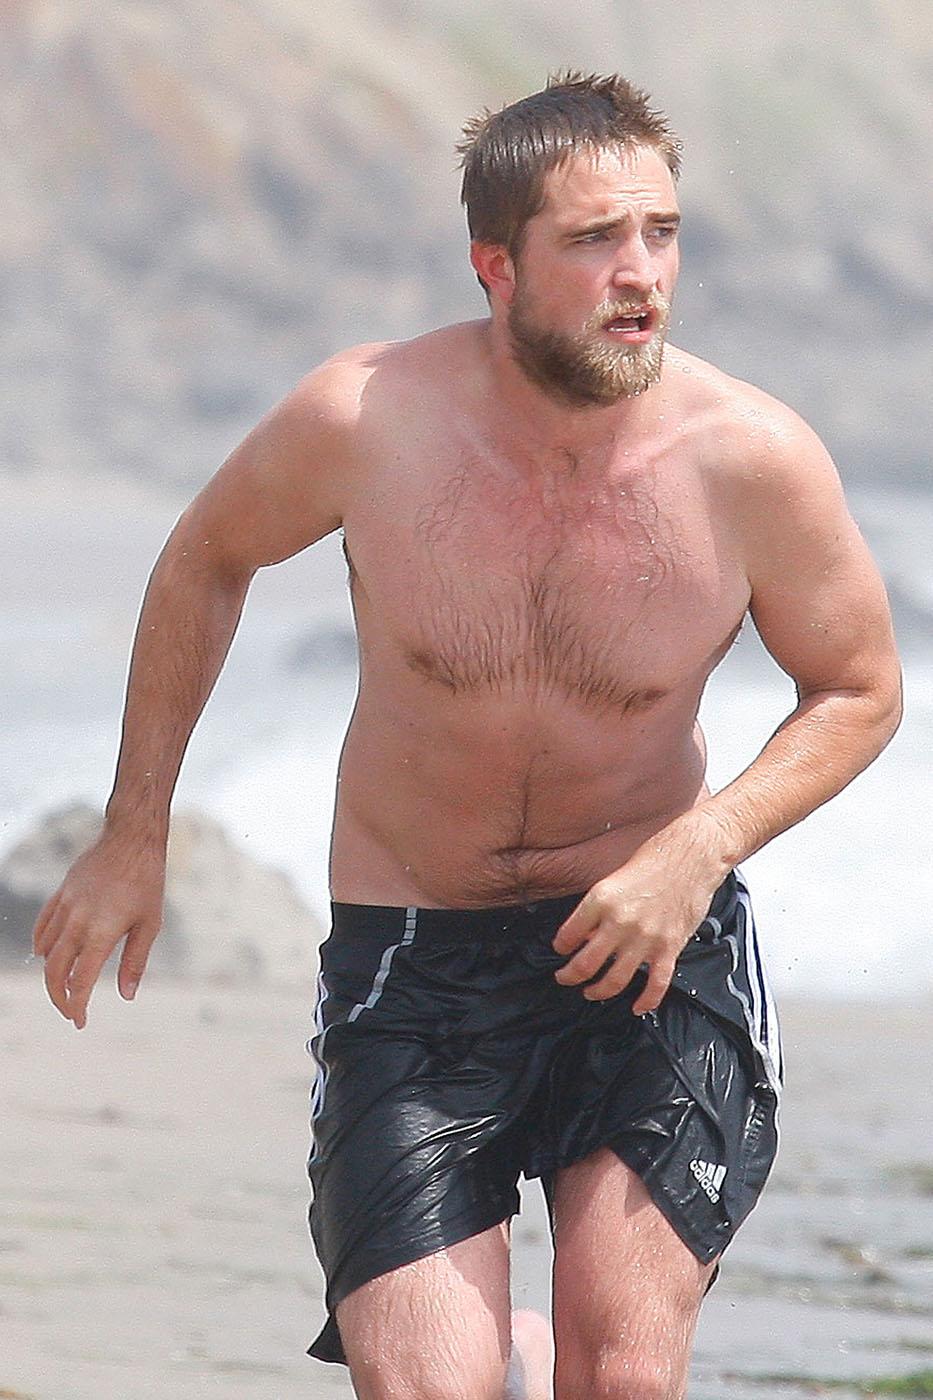 Толстый сексуальный мужчина 20 фотография